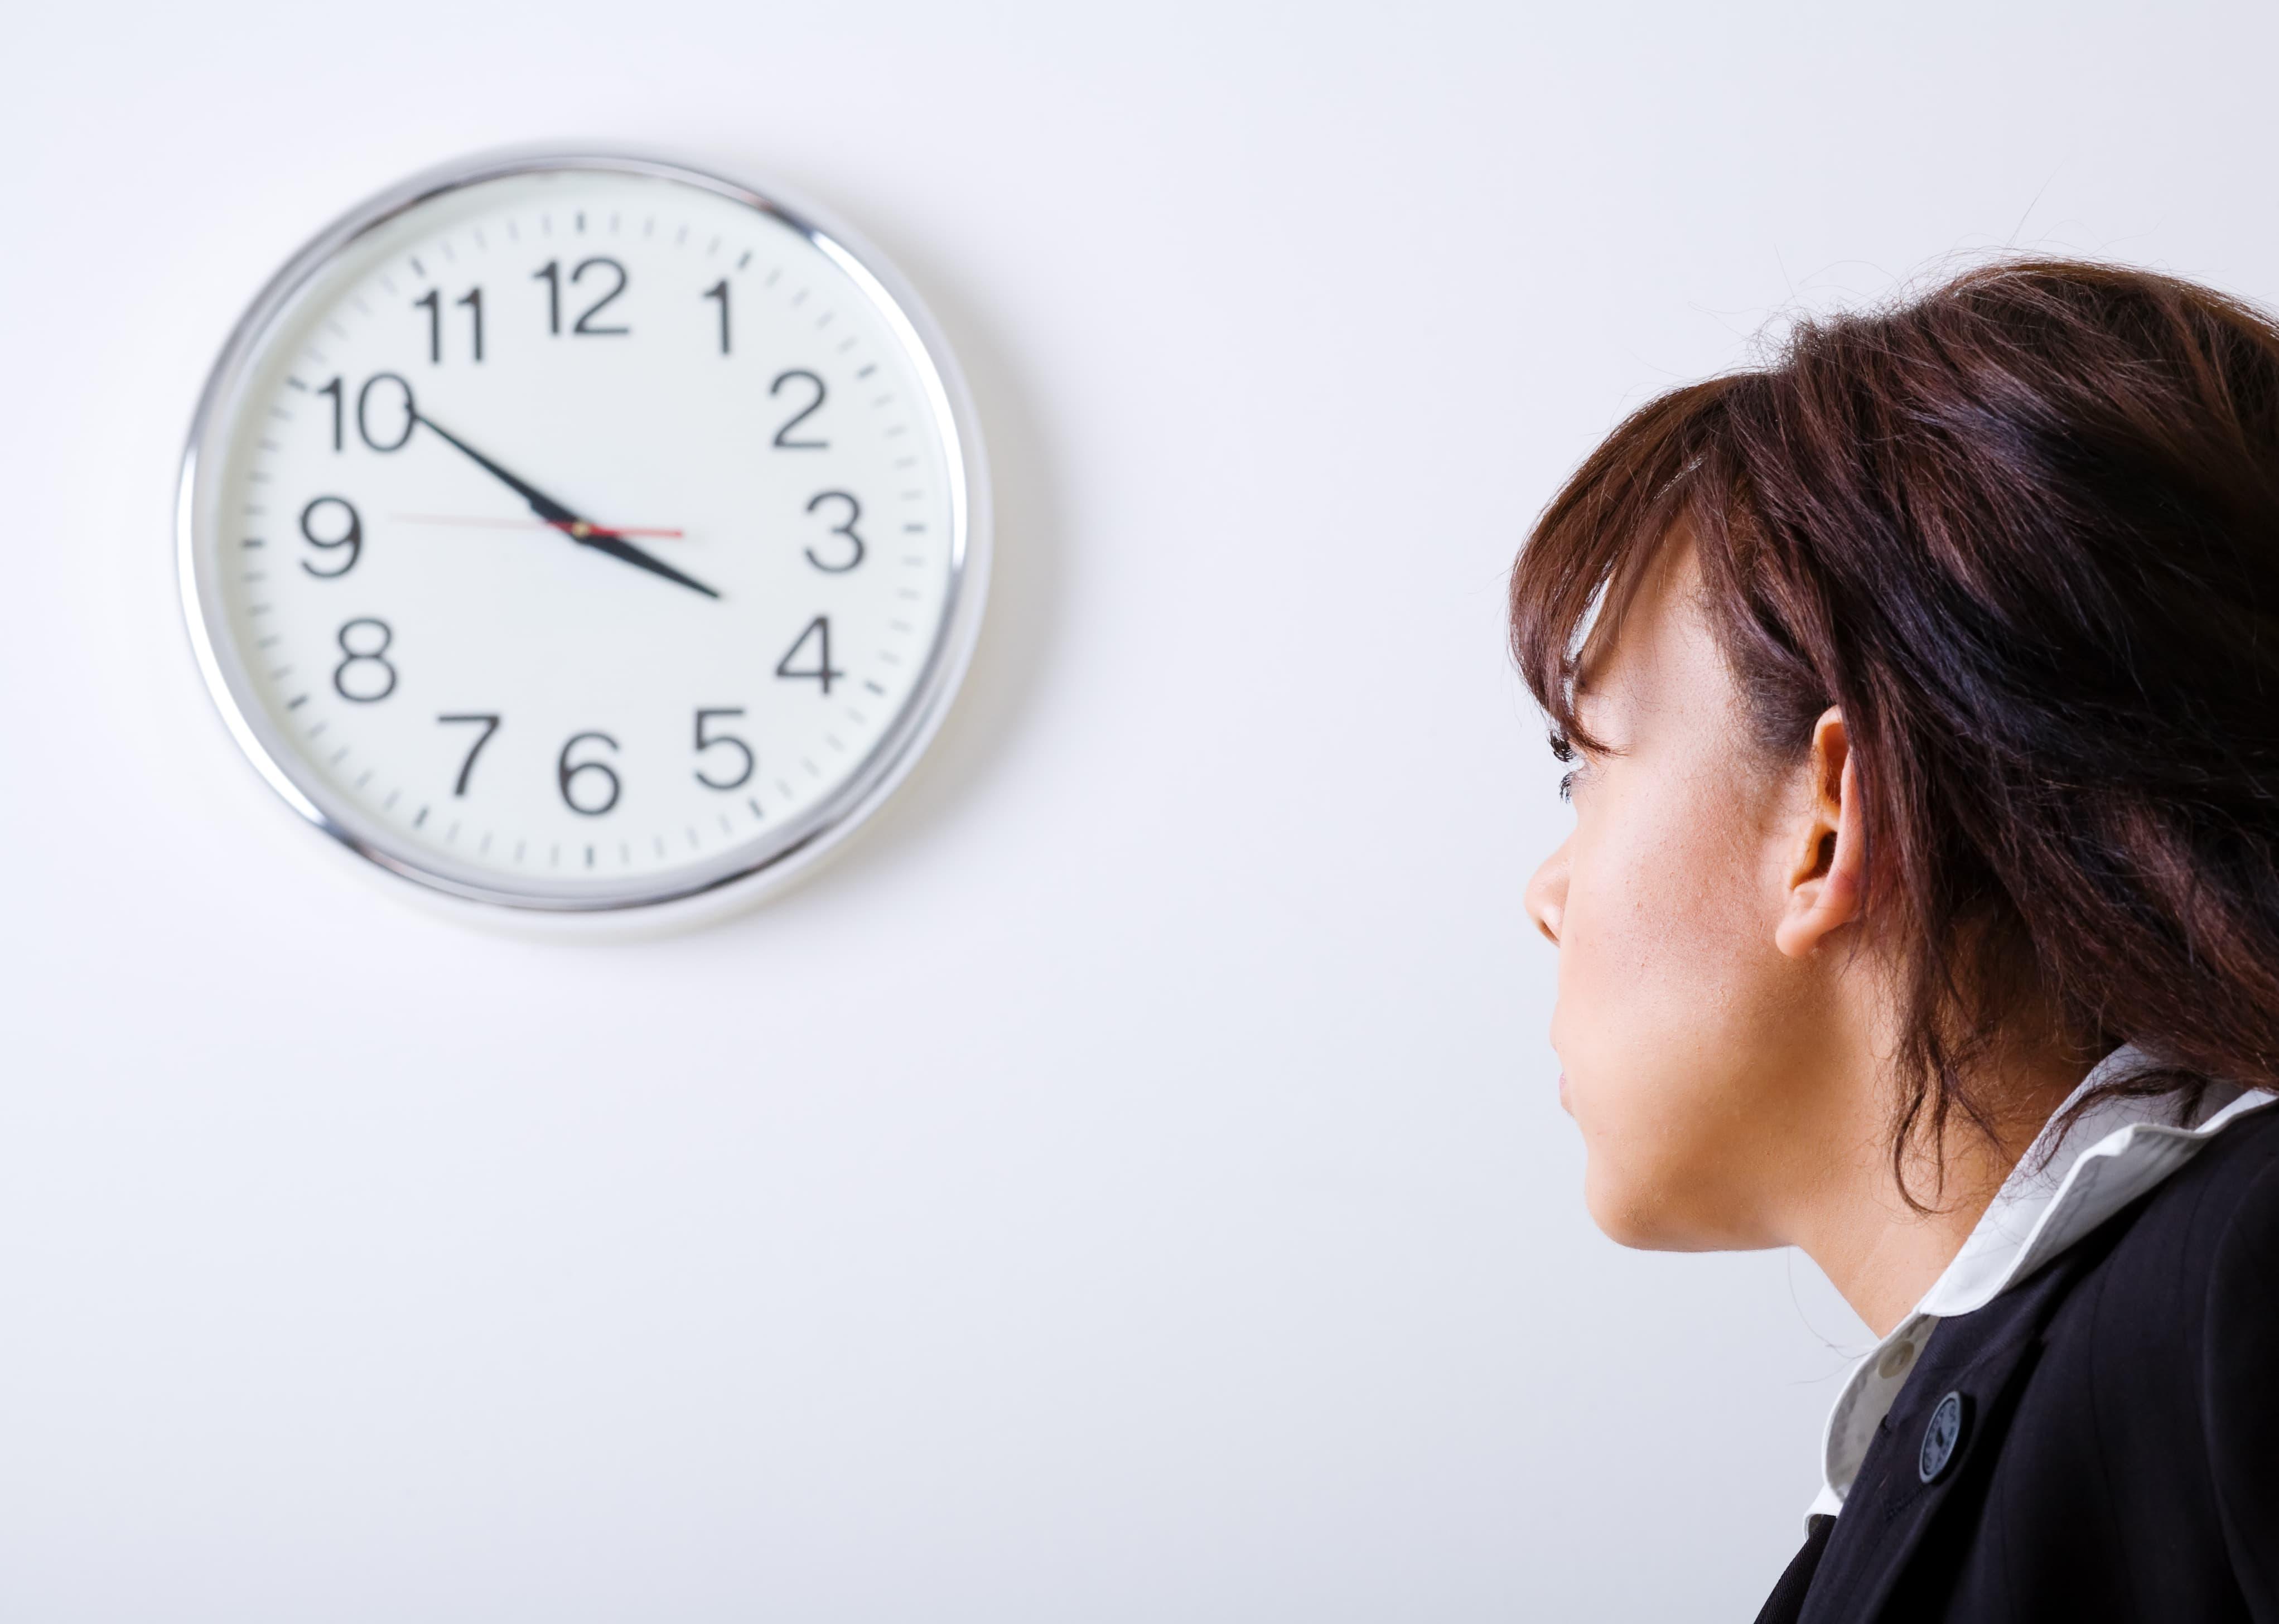 Eine Frau arbeitet nach Vertrauensarbeitszeit und schaut auf die Uhr